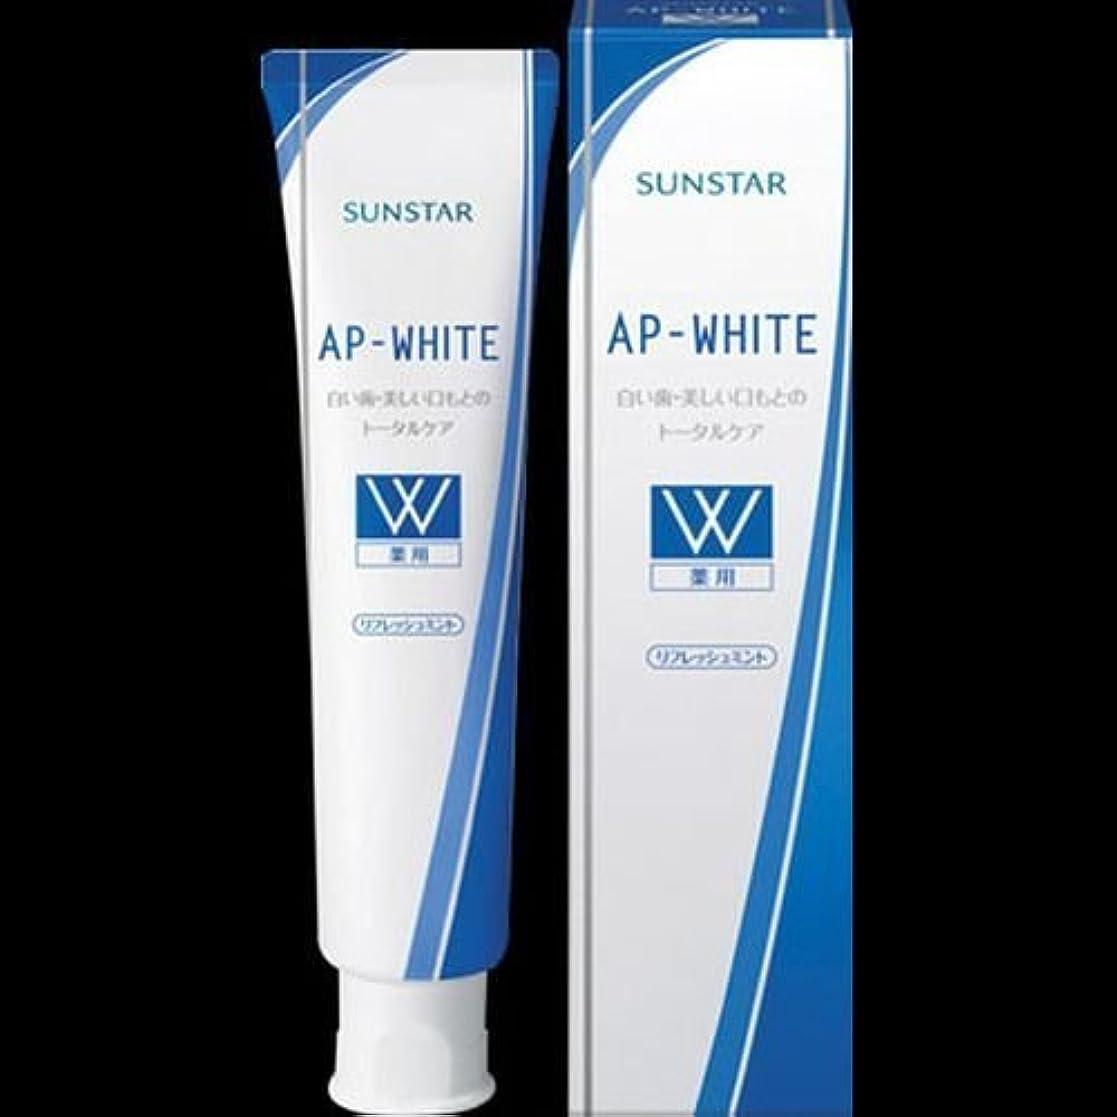 限定こねるアドバイス【まとめ買い】薬用APホワイトペースト リフレッシュミント 110g ×2セット